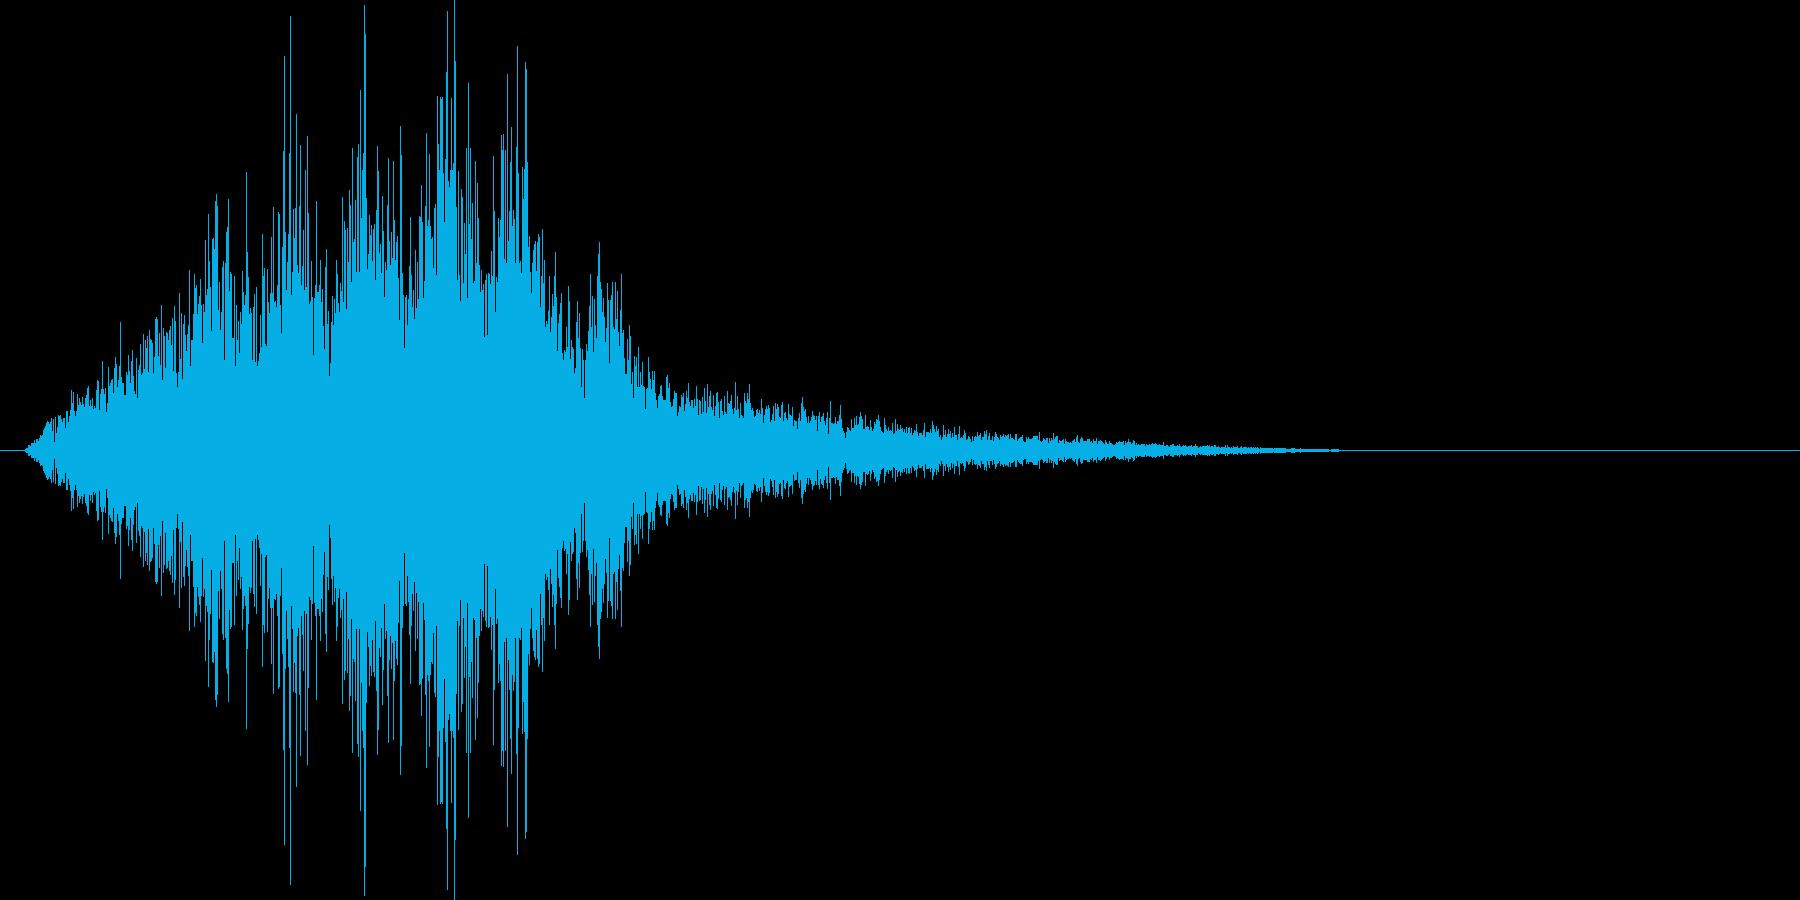 大きな風をイメージした効果音ですの再生済みの波形